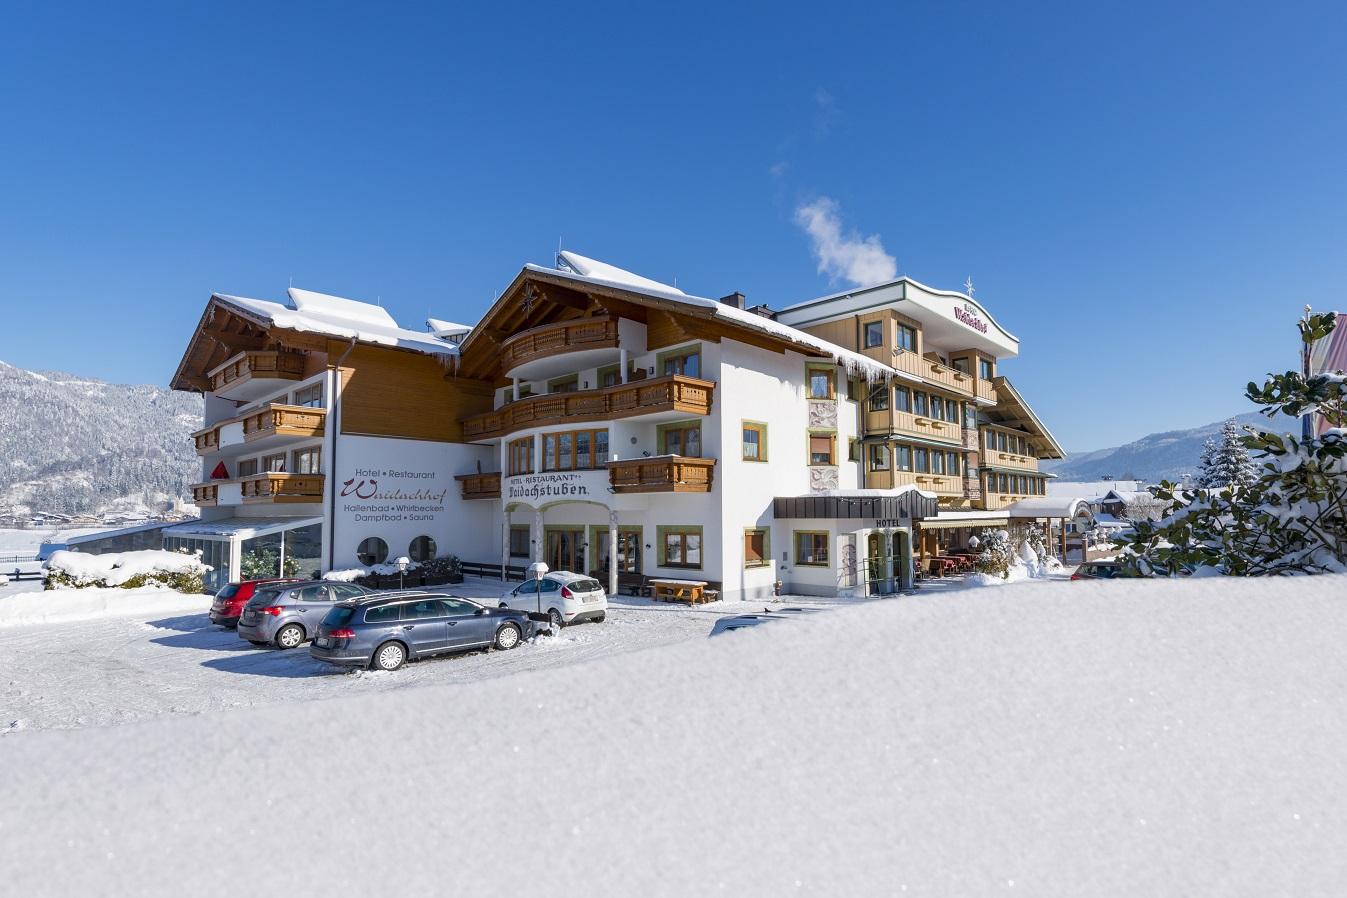 Außenansicht Hotel Waidachhof im Winter